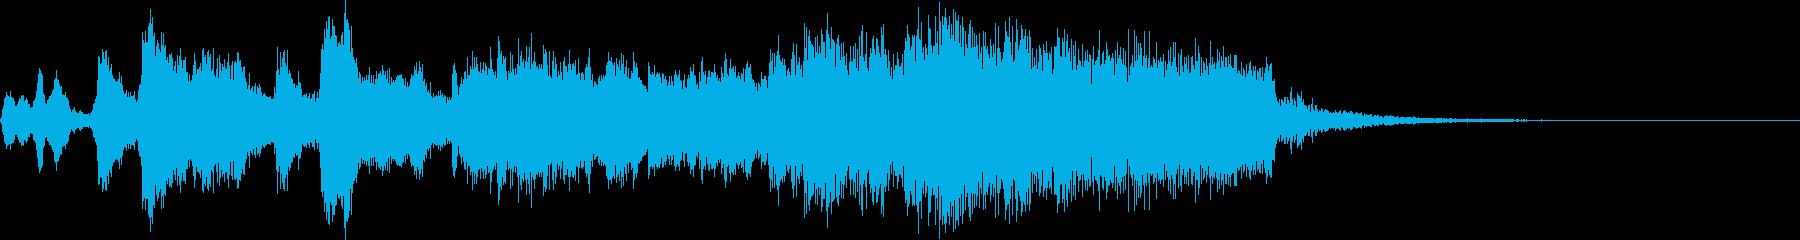 CM RPG 迫力オーケストラ風ショートの再生済みの波形